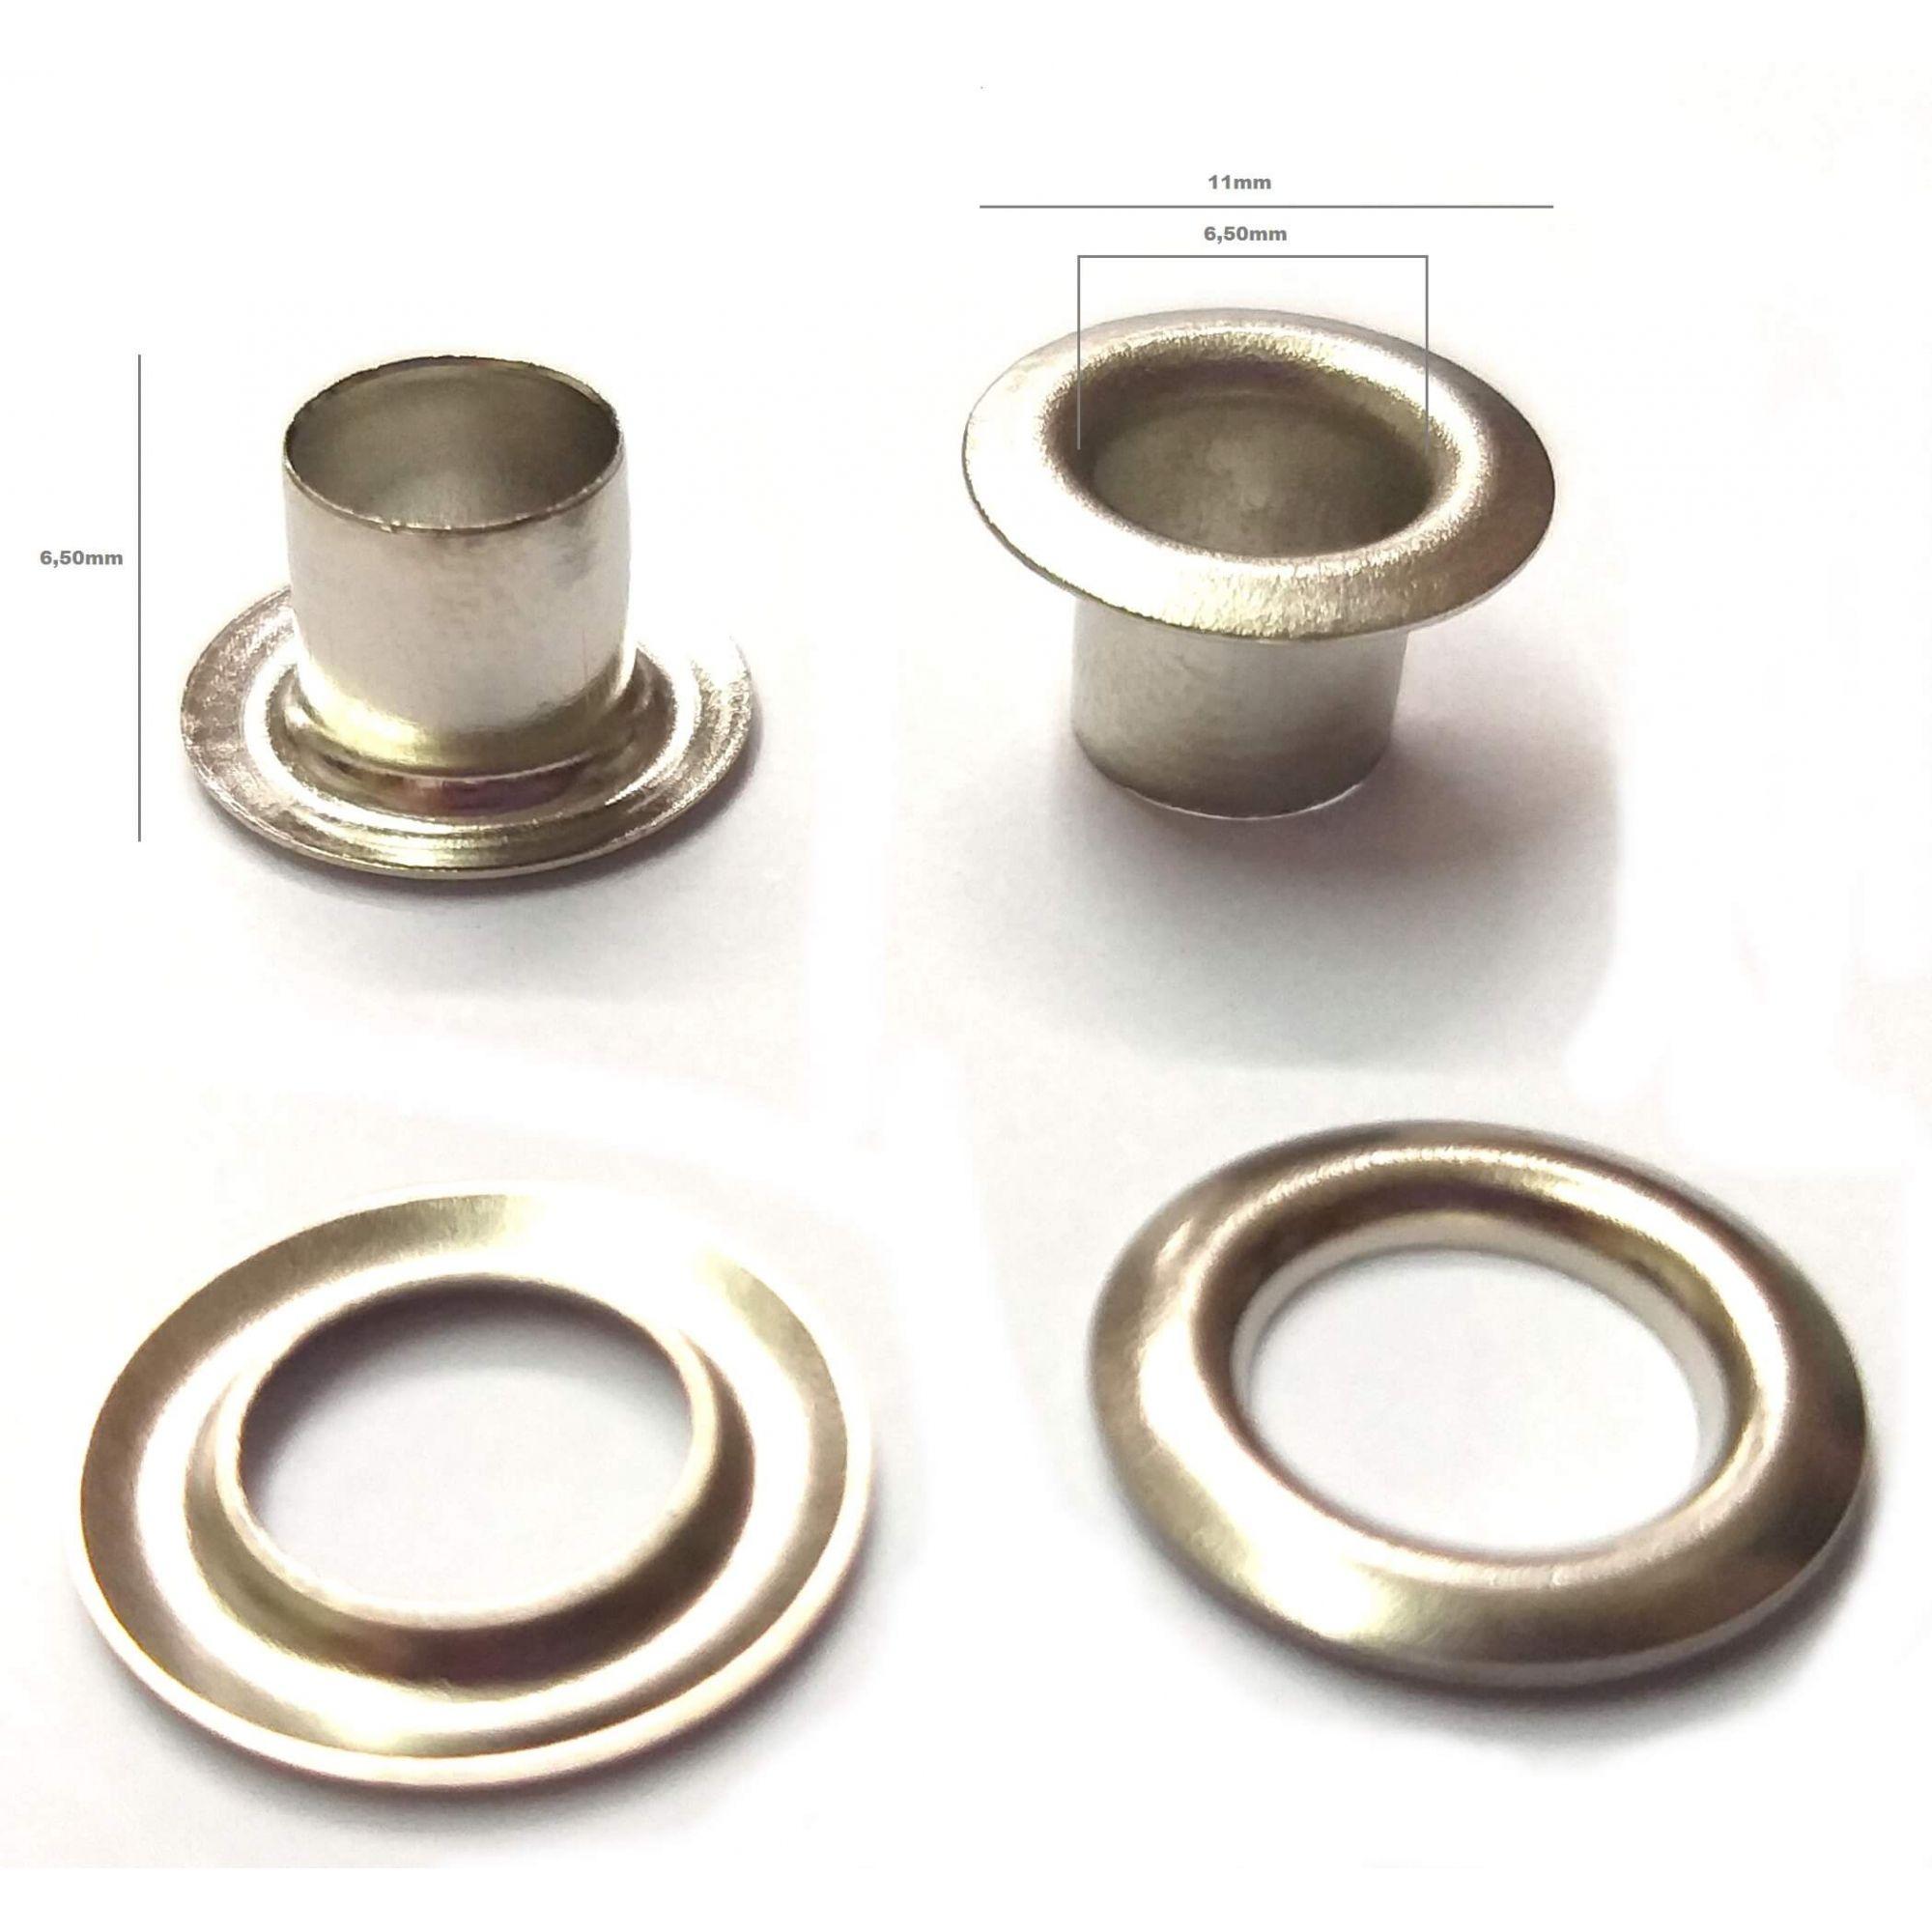 Ilhós com Arruela Alumínio Nº 50 - 11mm de diâmetro externo